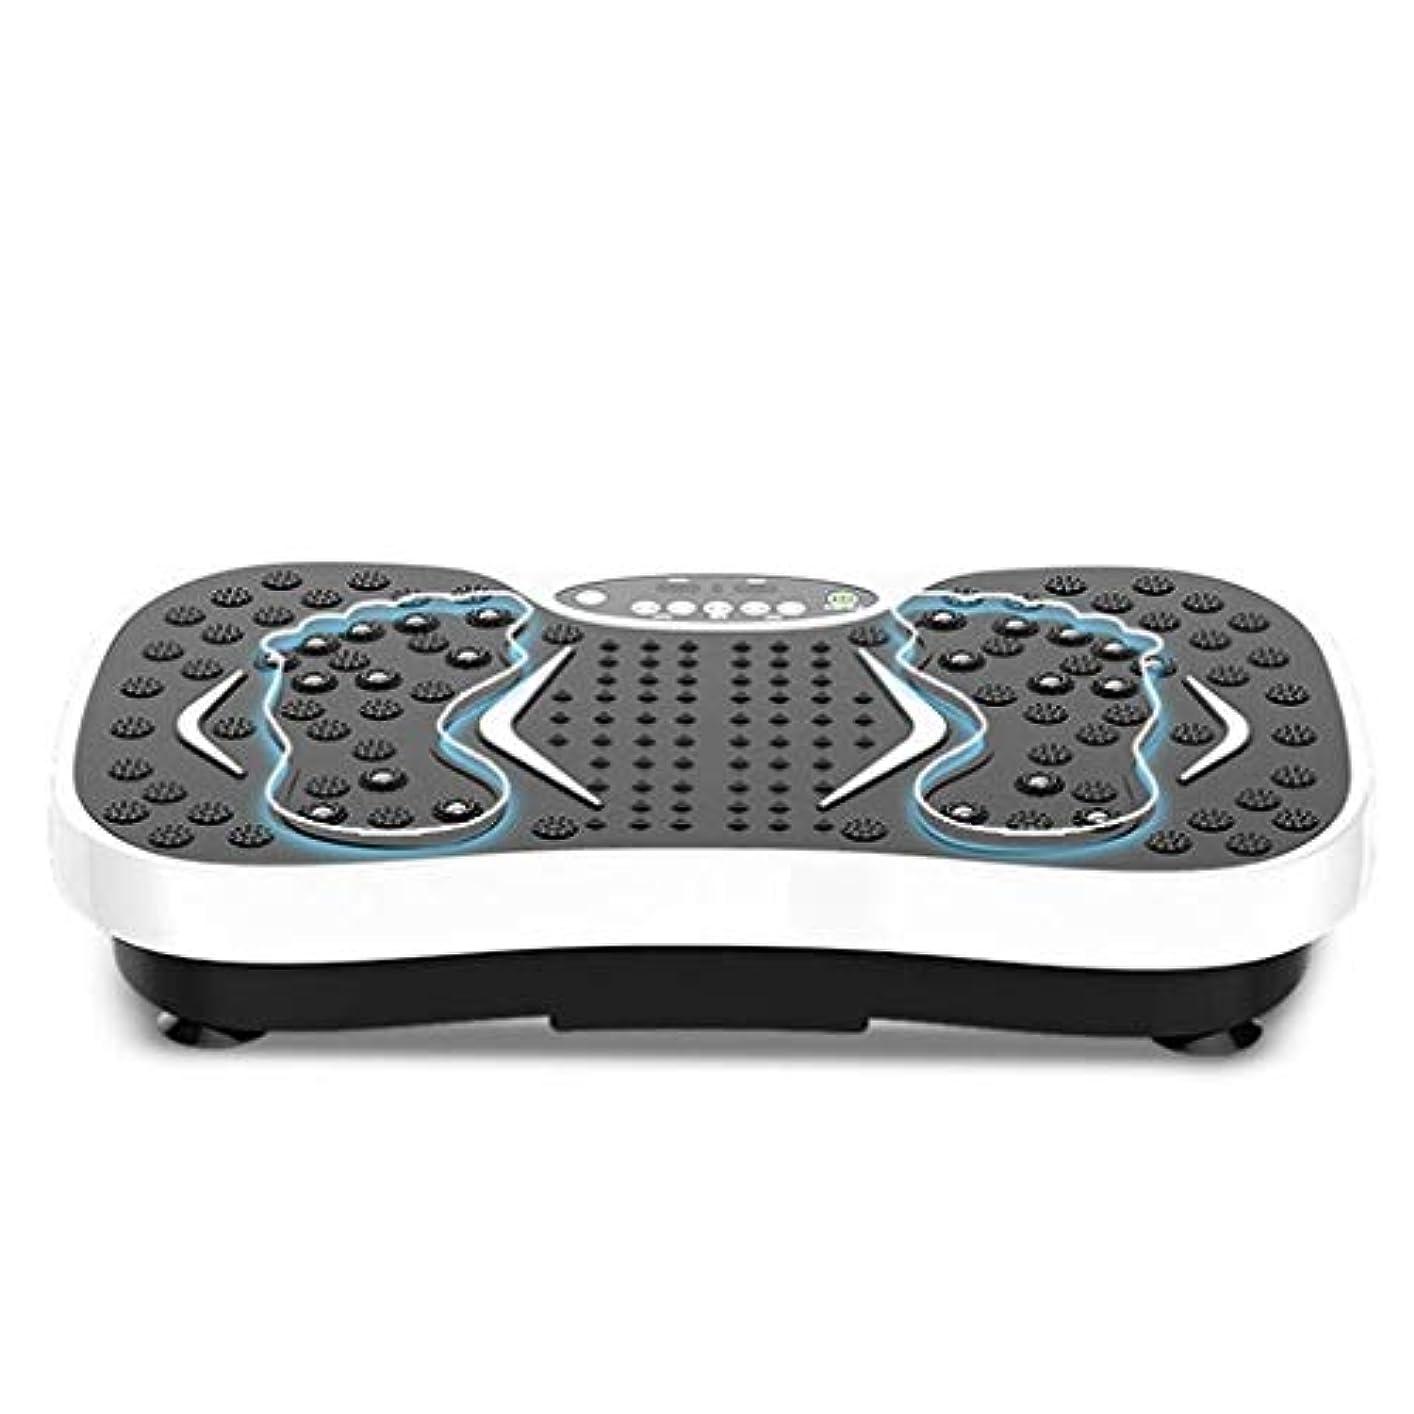 クラウド病気同志減量機、運動衝撃吸収フィットネスモデル減量機ユニセックス振動板、家庭/ジムに最適(最大負荷150KG) (Color : 白)